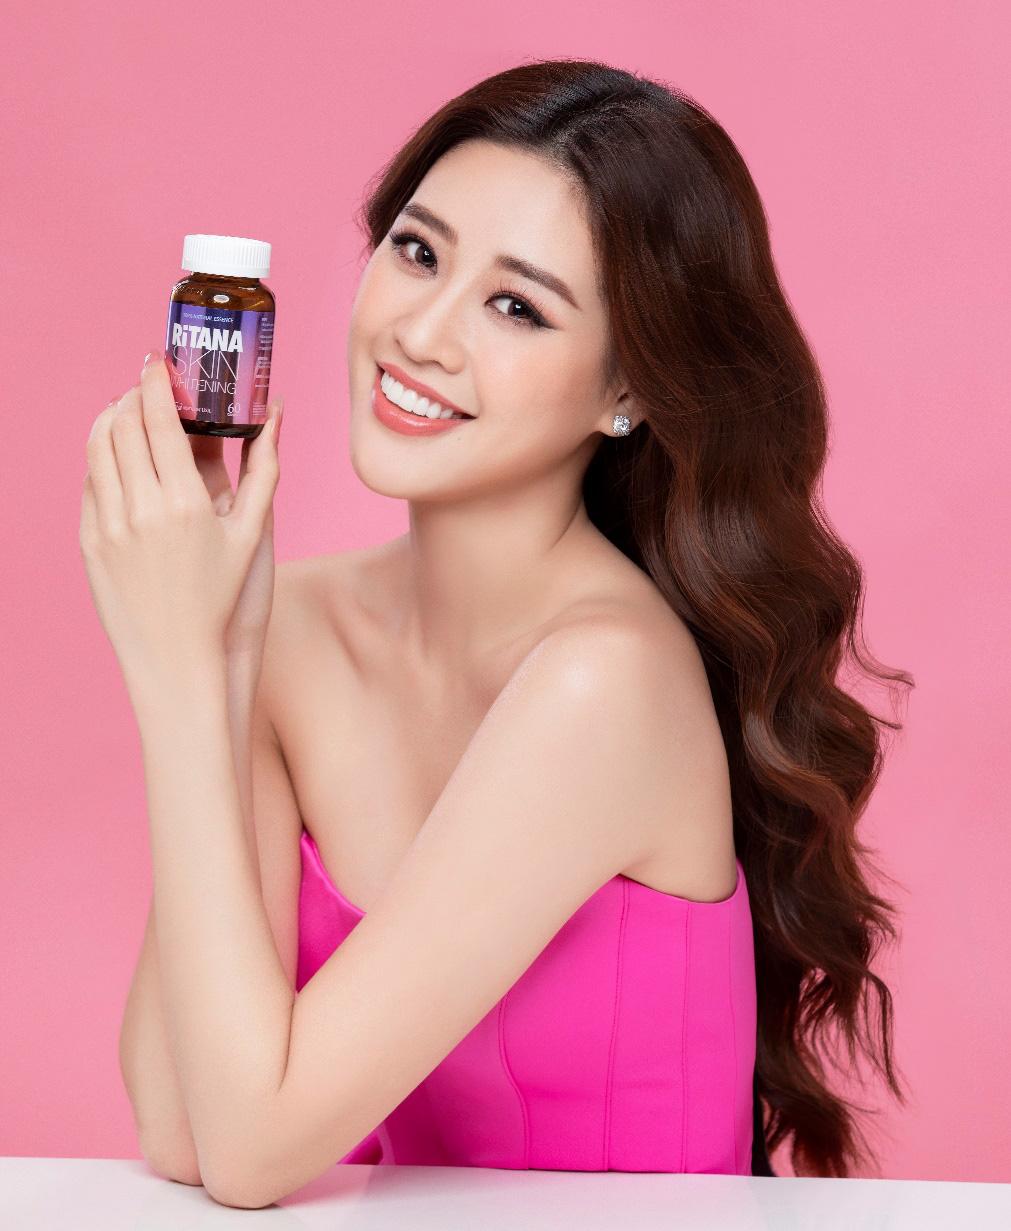 """Hoa hậu Khánh Vân sau 1 năm đăng quang: Nhan sắc thăng hạng, sẵn sàng để """"chinh chiến"""" Miss Universe 2020 - Ảnh 6."""